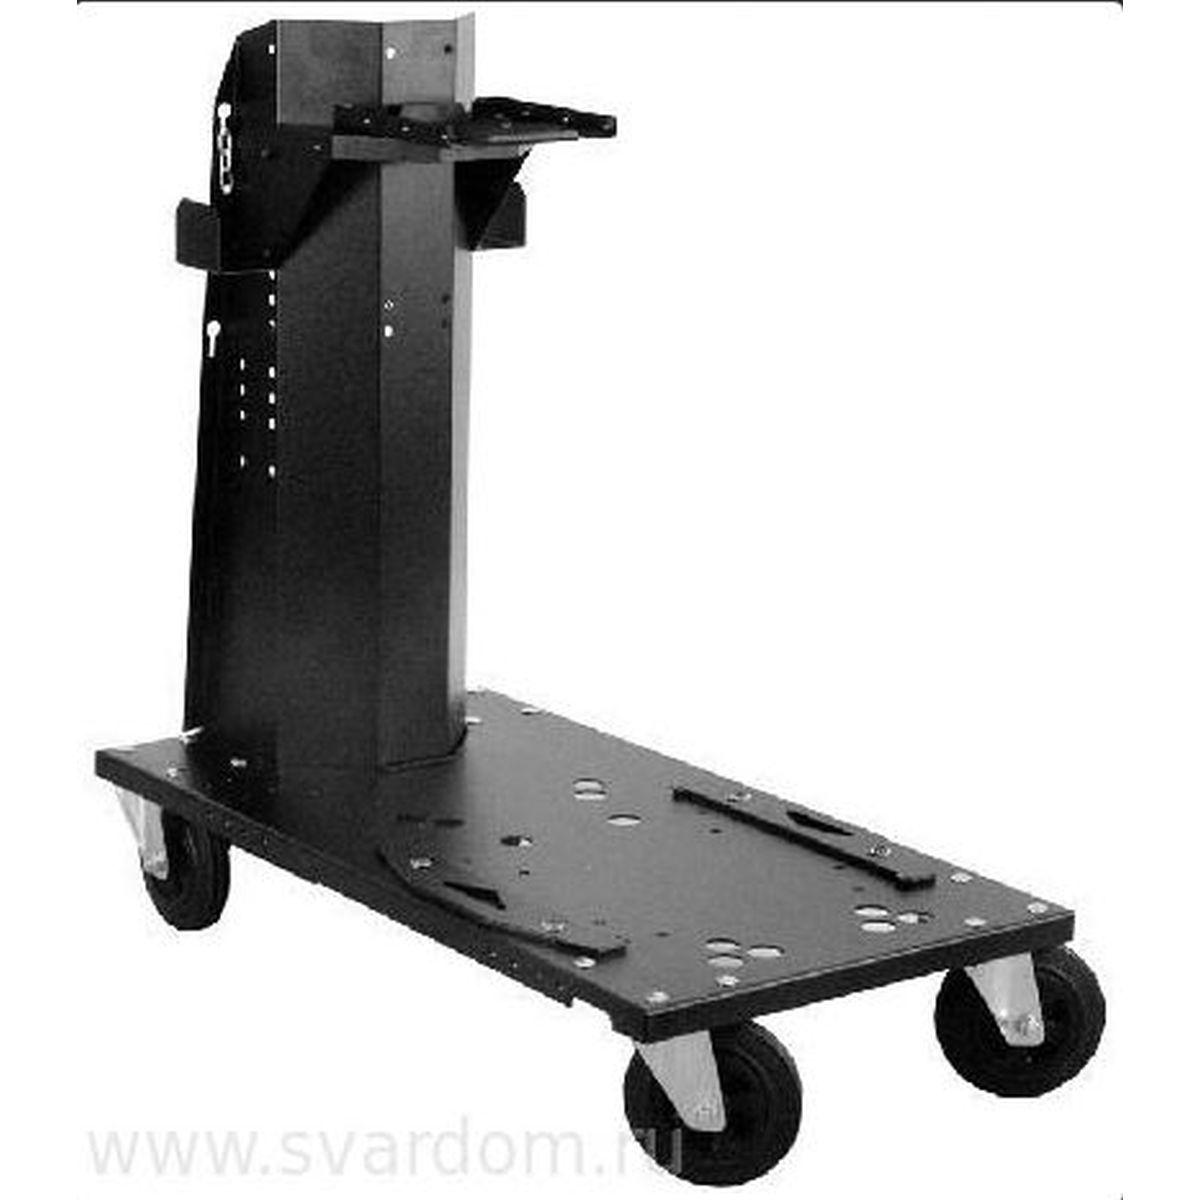 transportwagen trolly 75 2 zum transport einer stromquelle ewm 090 008176 00001 zubeh r. Black Bedroom Furniture Sets. Home Design Ideas